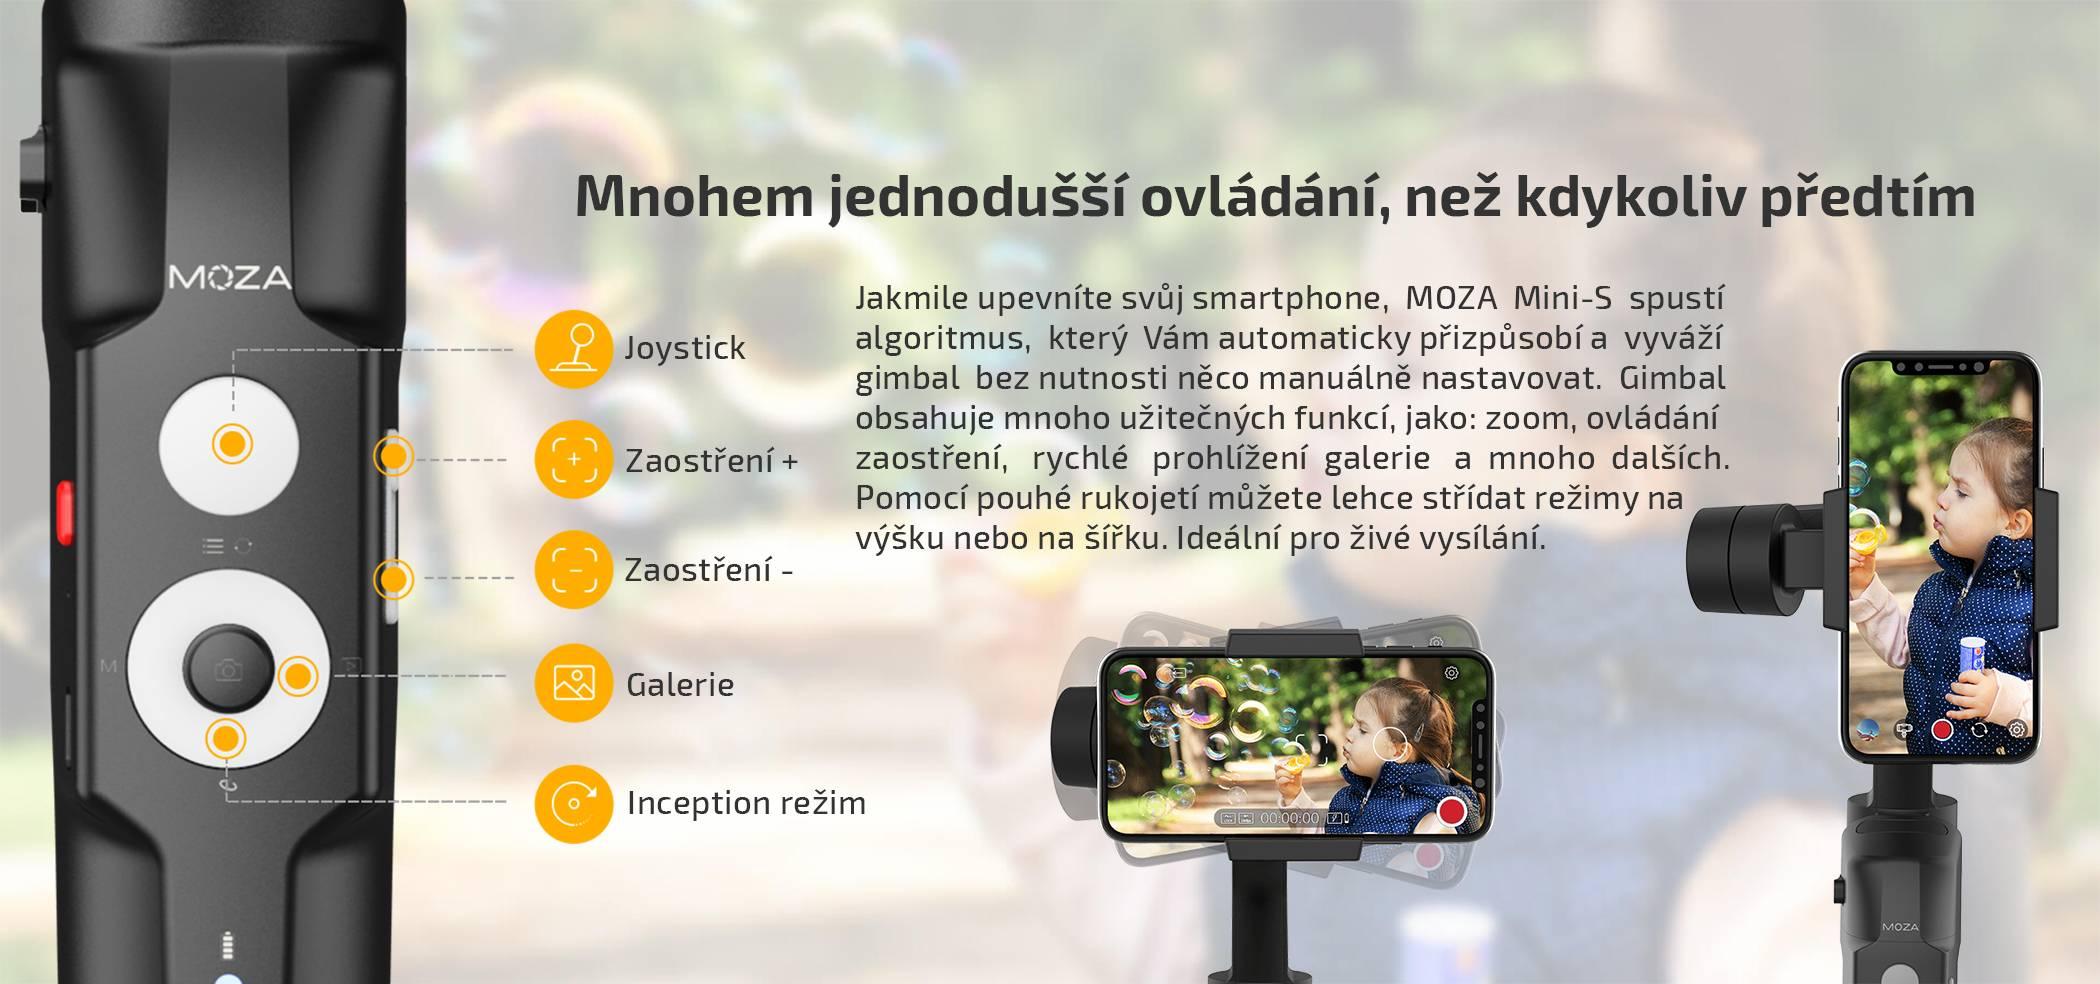 film-technika-gudsen-moza-mini-s-gimbal-pro-smartphony-mnohem-jednodušší-ovládání-než-kdykoliv-předtím